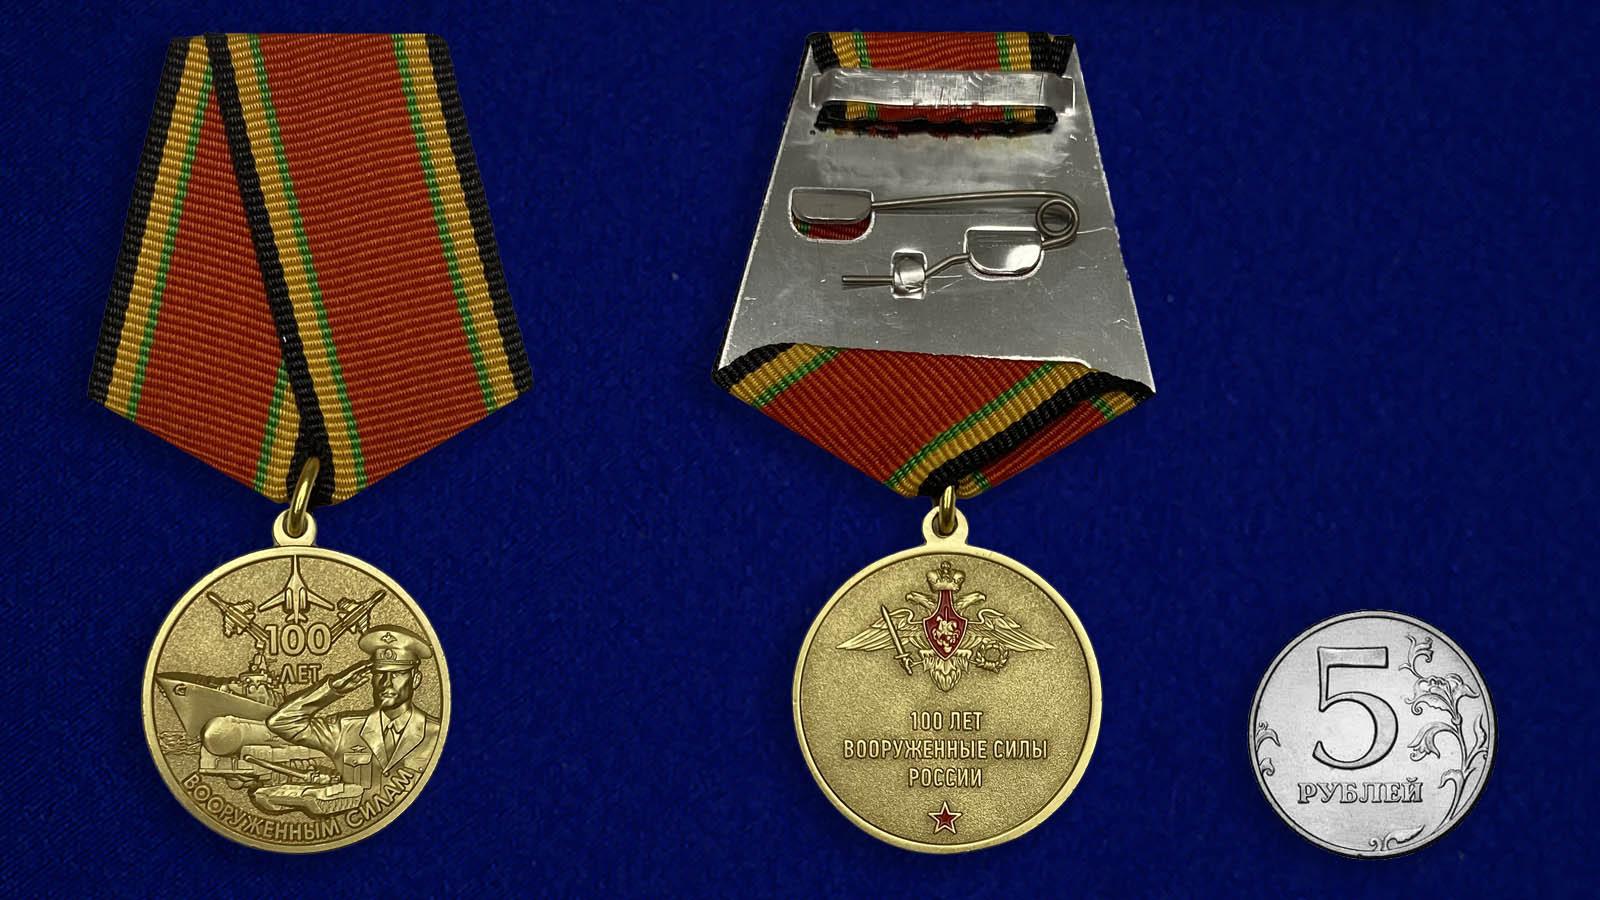 Медаль 100 лет Вооруженным Силам - сравнительный размер